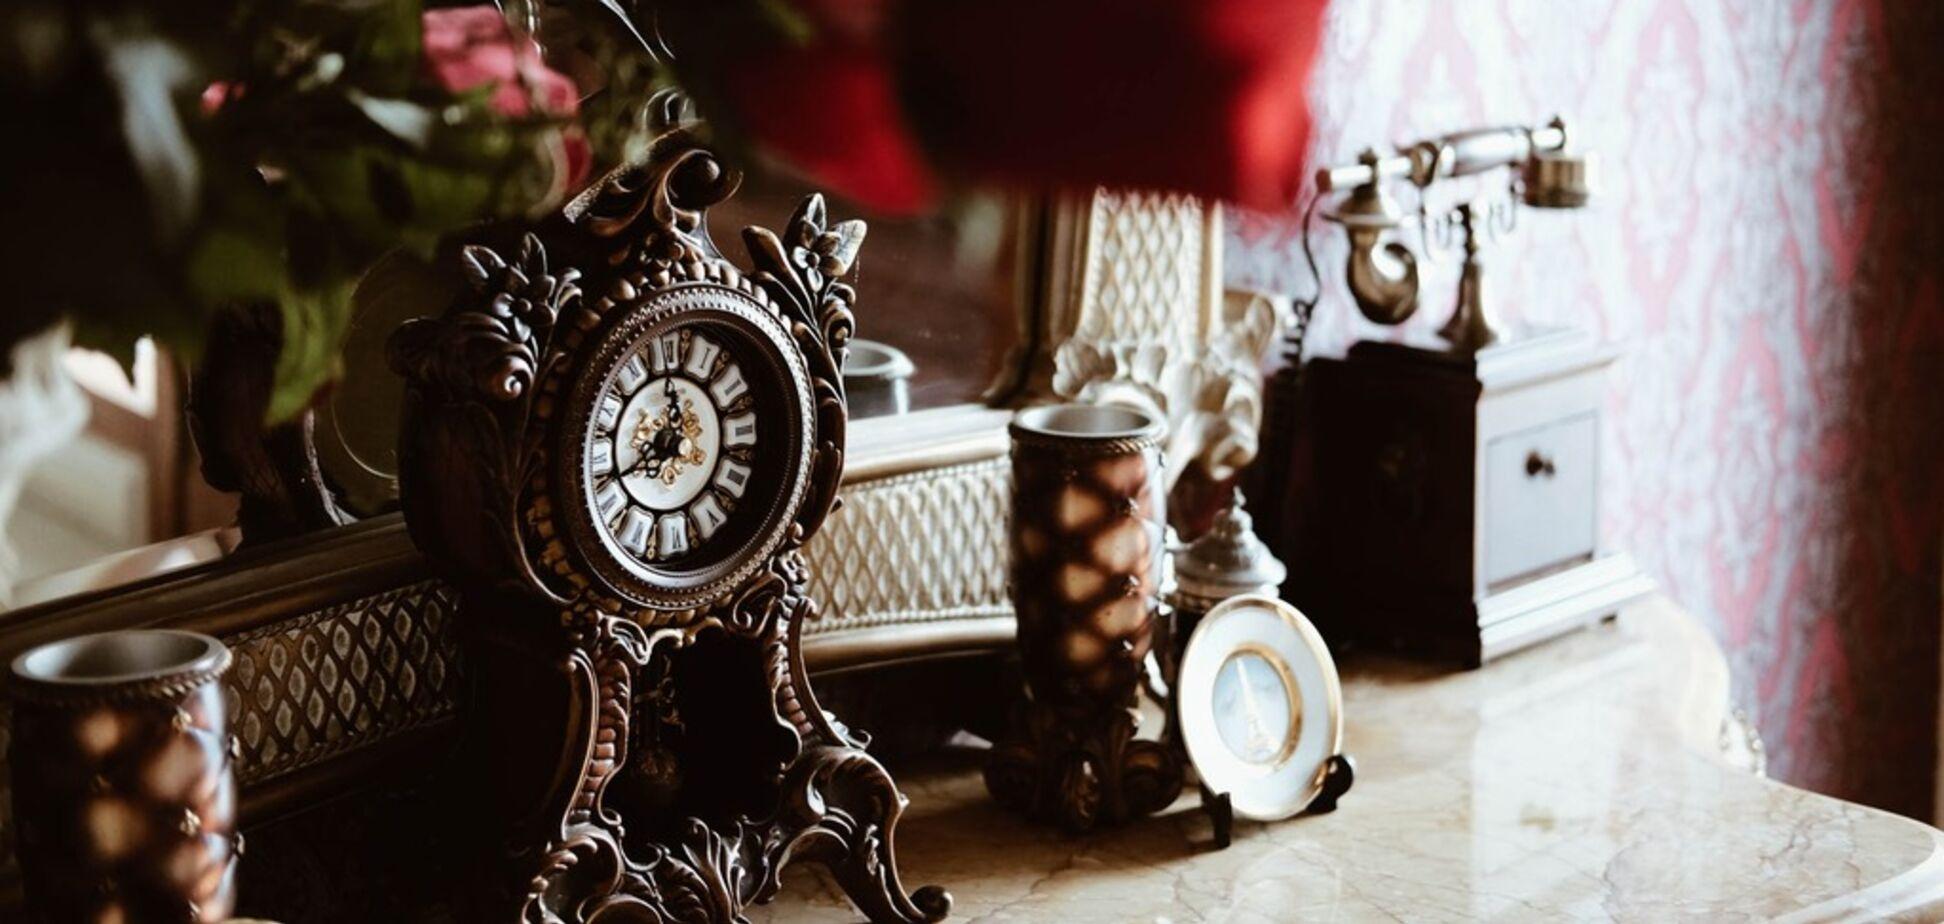 Переведення годинника в Україні: як дізнатися точний час